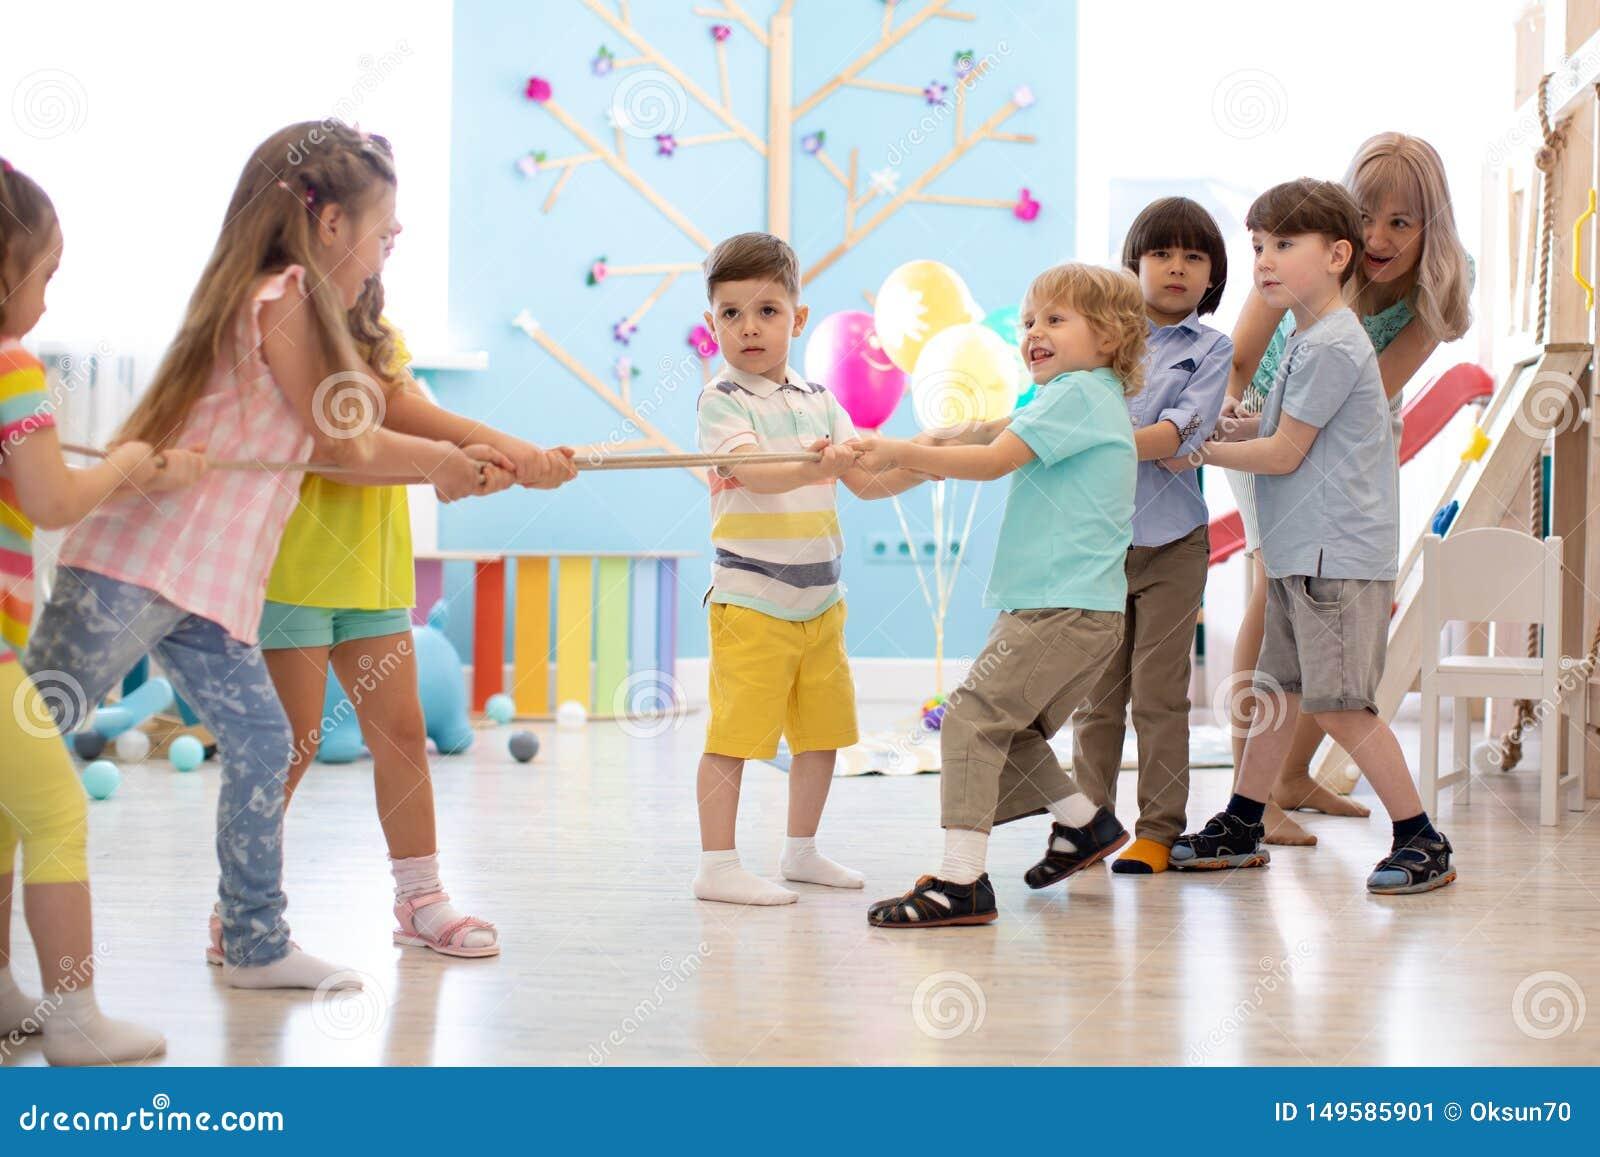 Grupa dzieci w ci?gni?cie konkursie w dziecinu